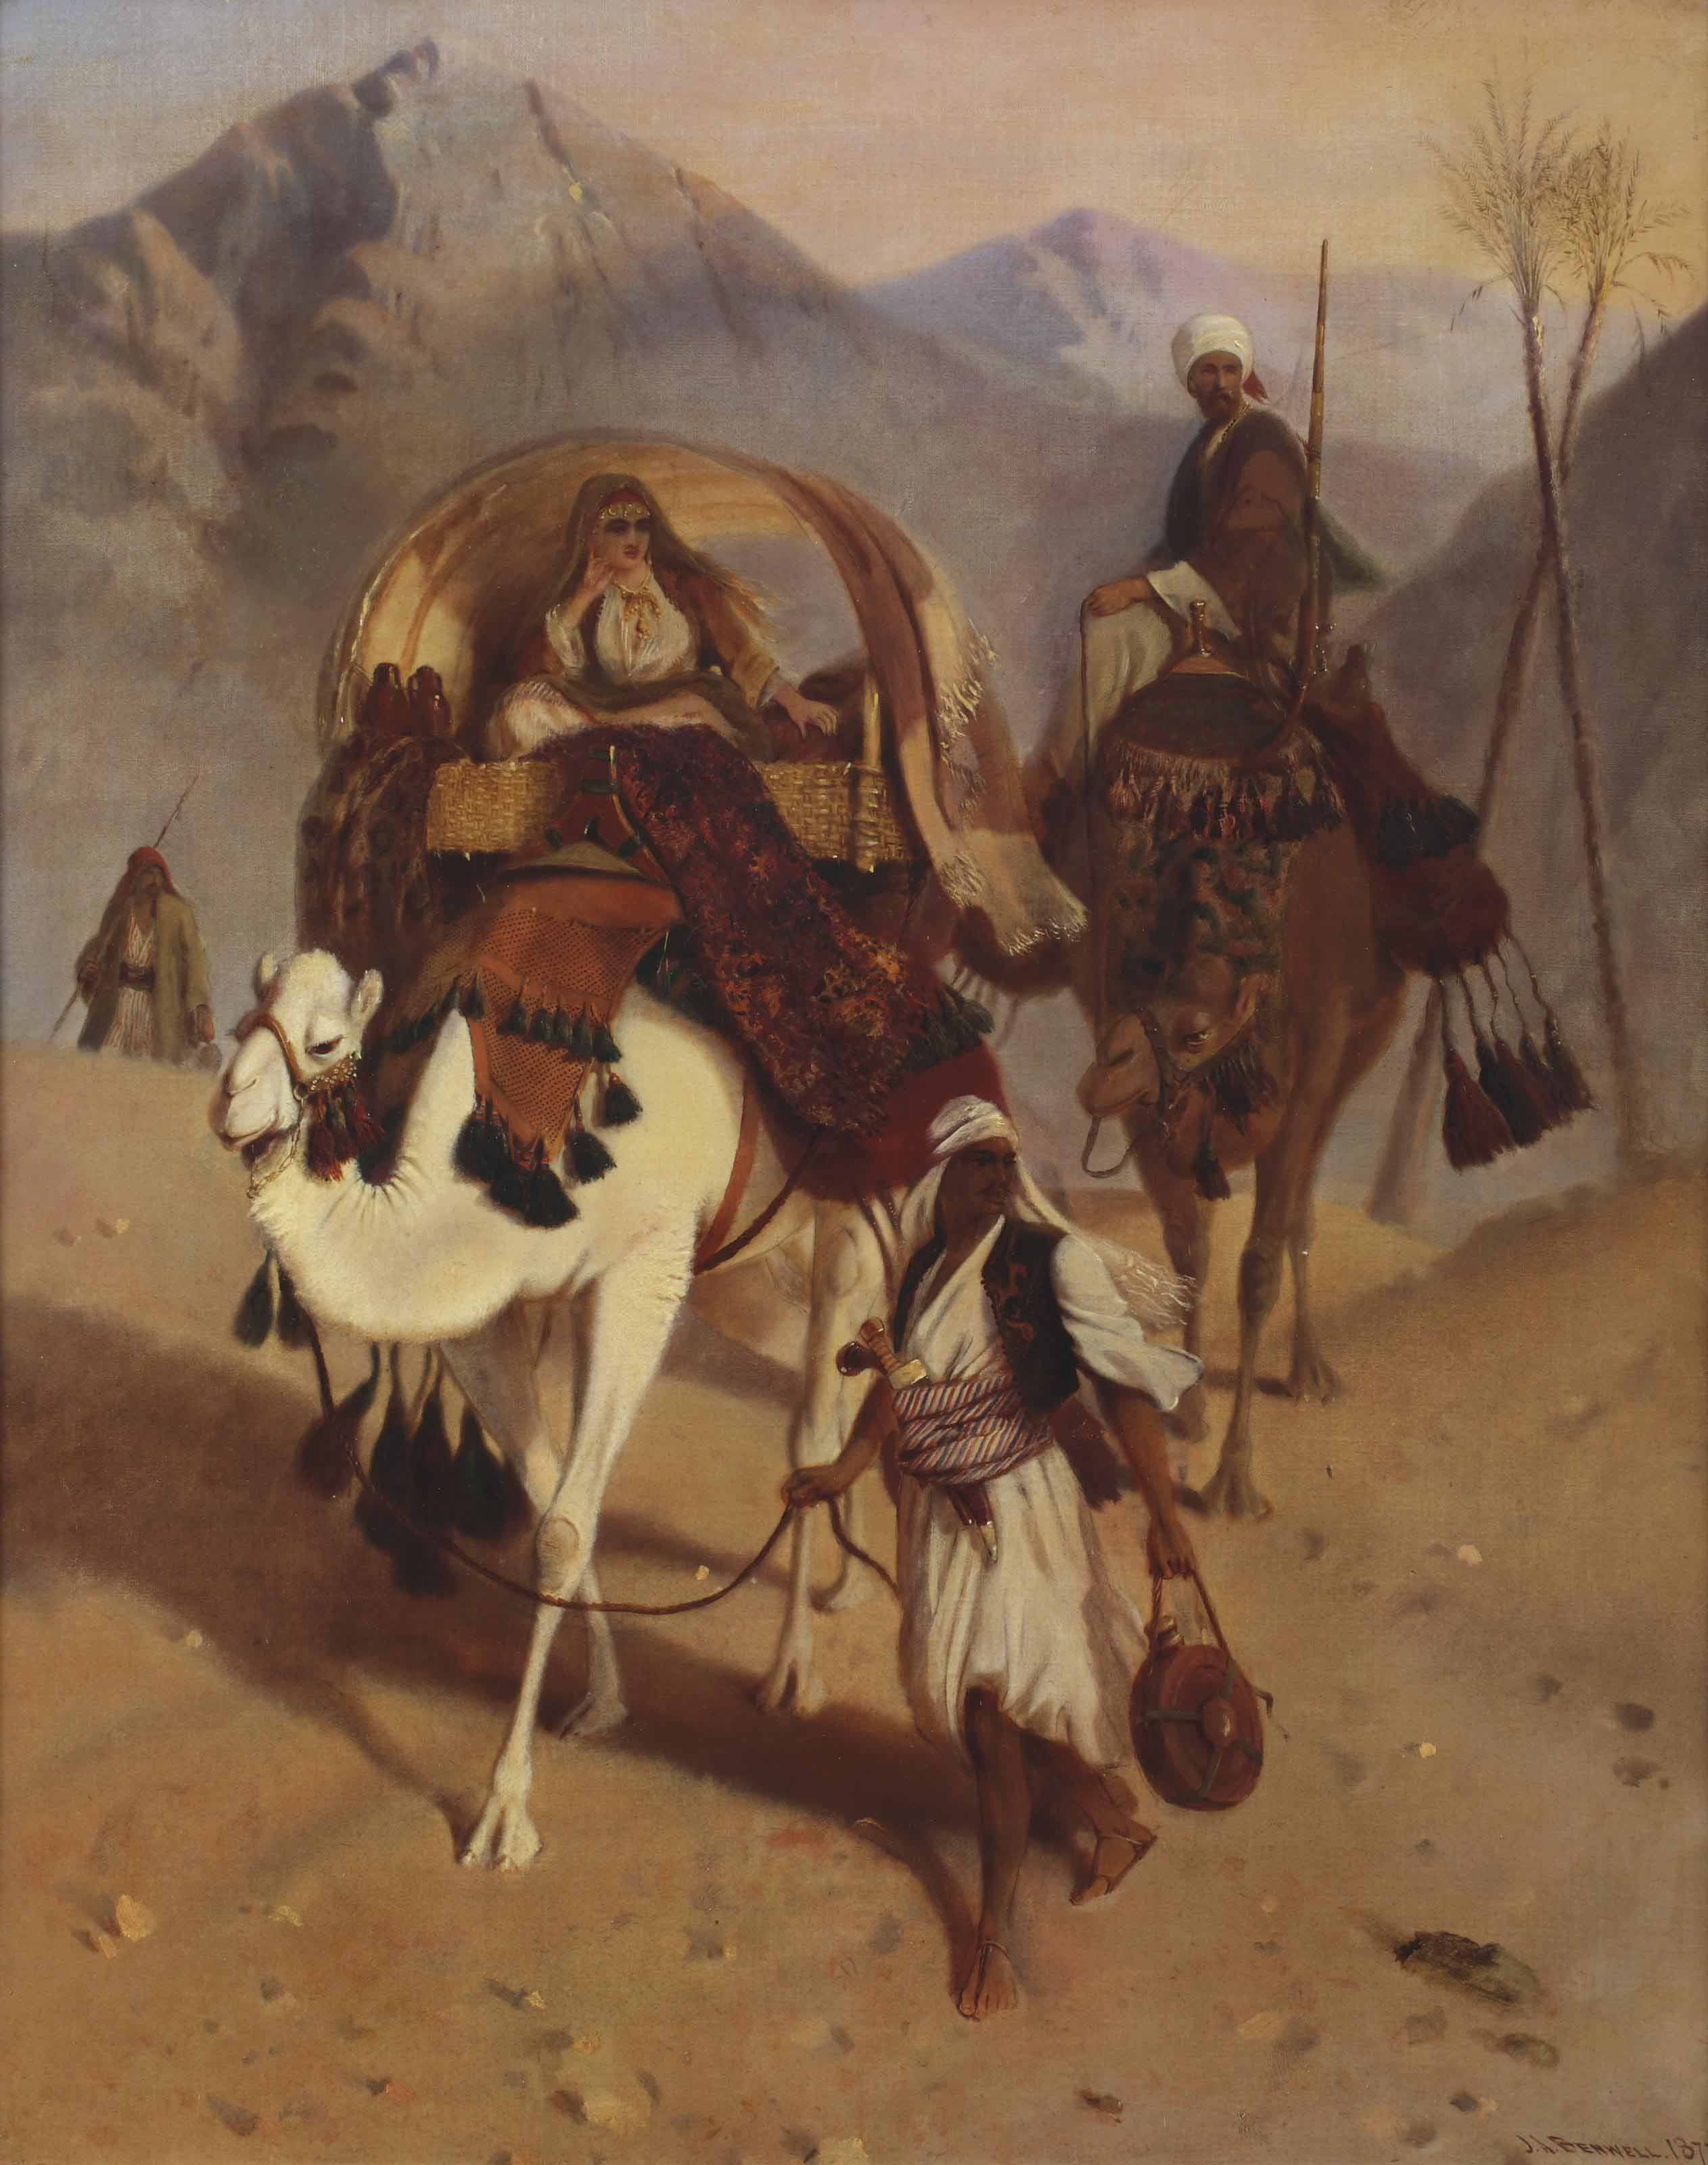 In the desert, Sinai